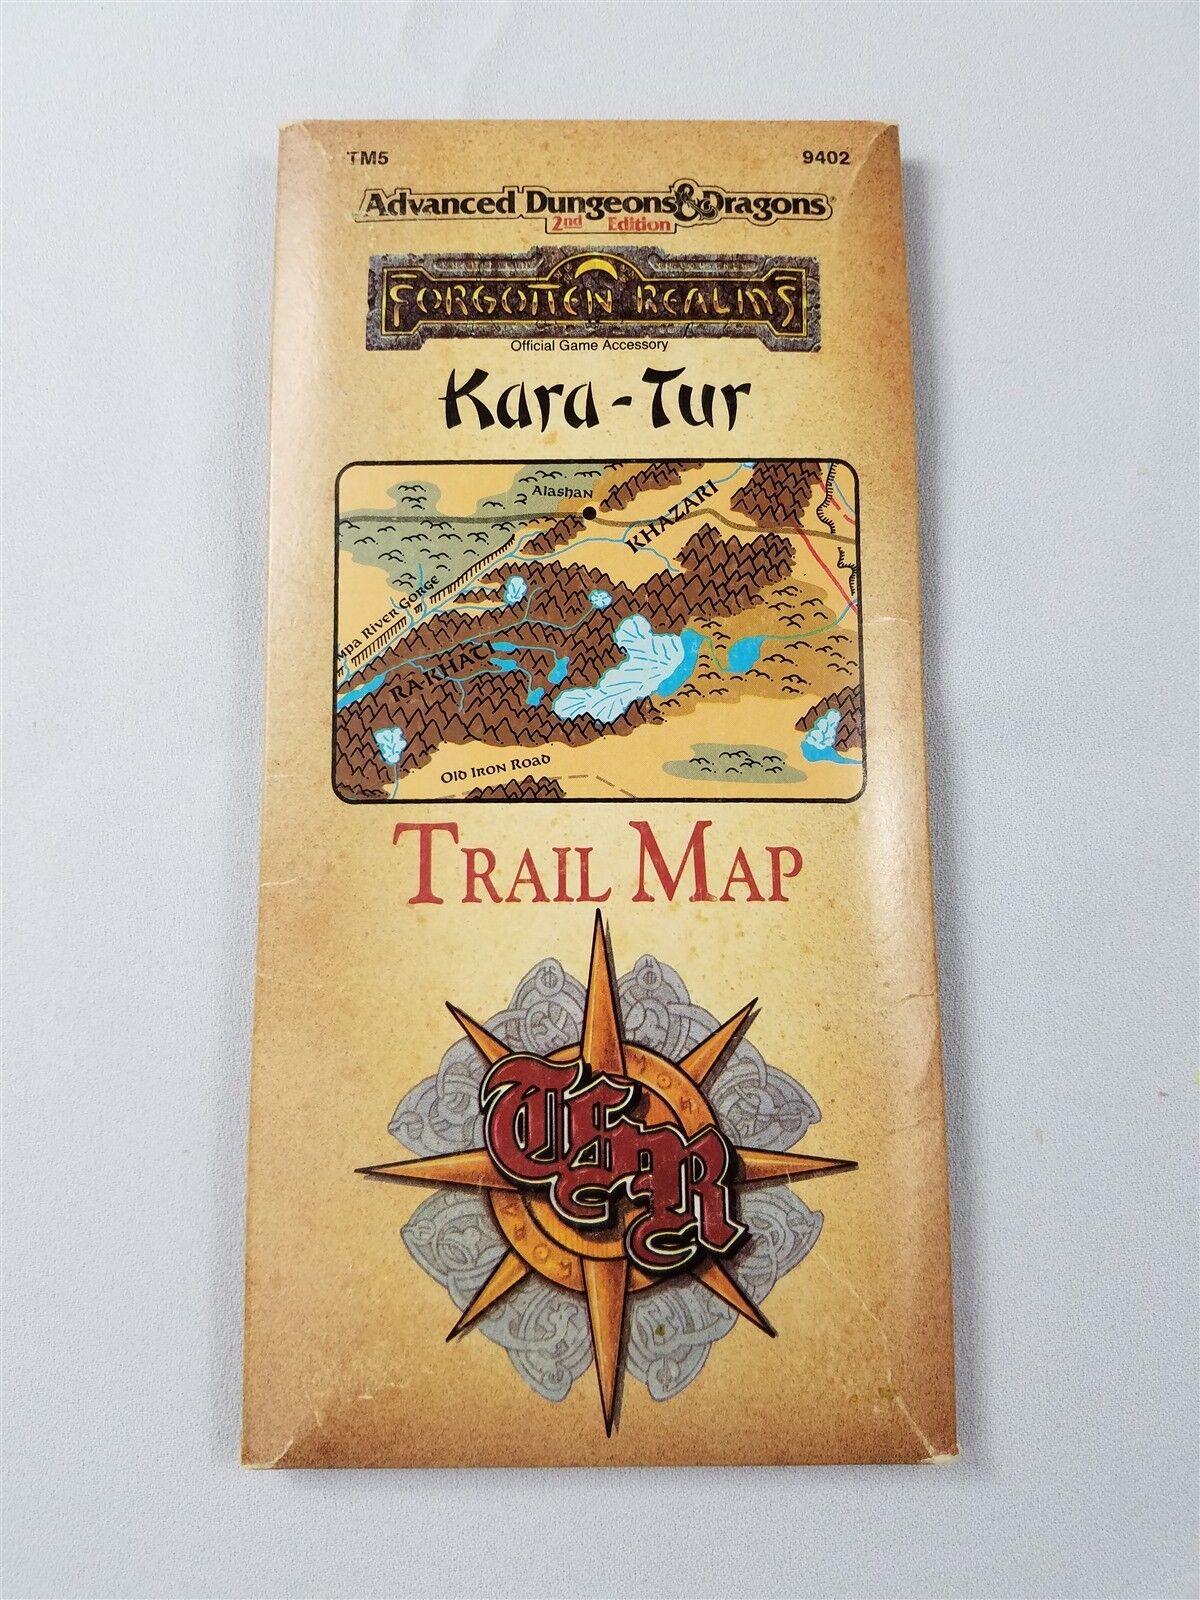 FORGOTTEN REALMS KARA-TUR TRAIL MAP EXC+    TSR 9402 D&D 6b46c4